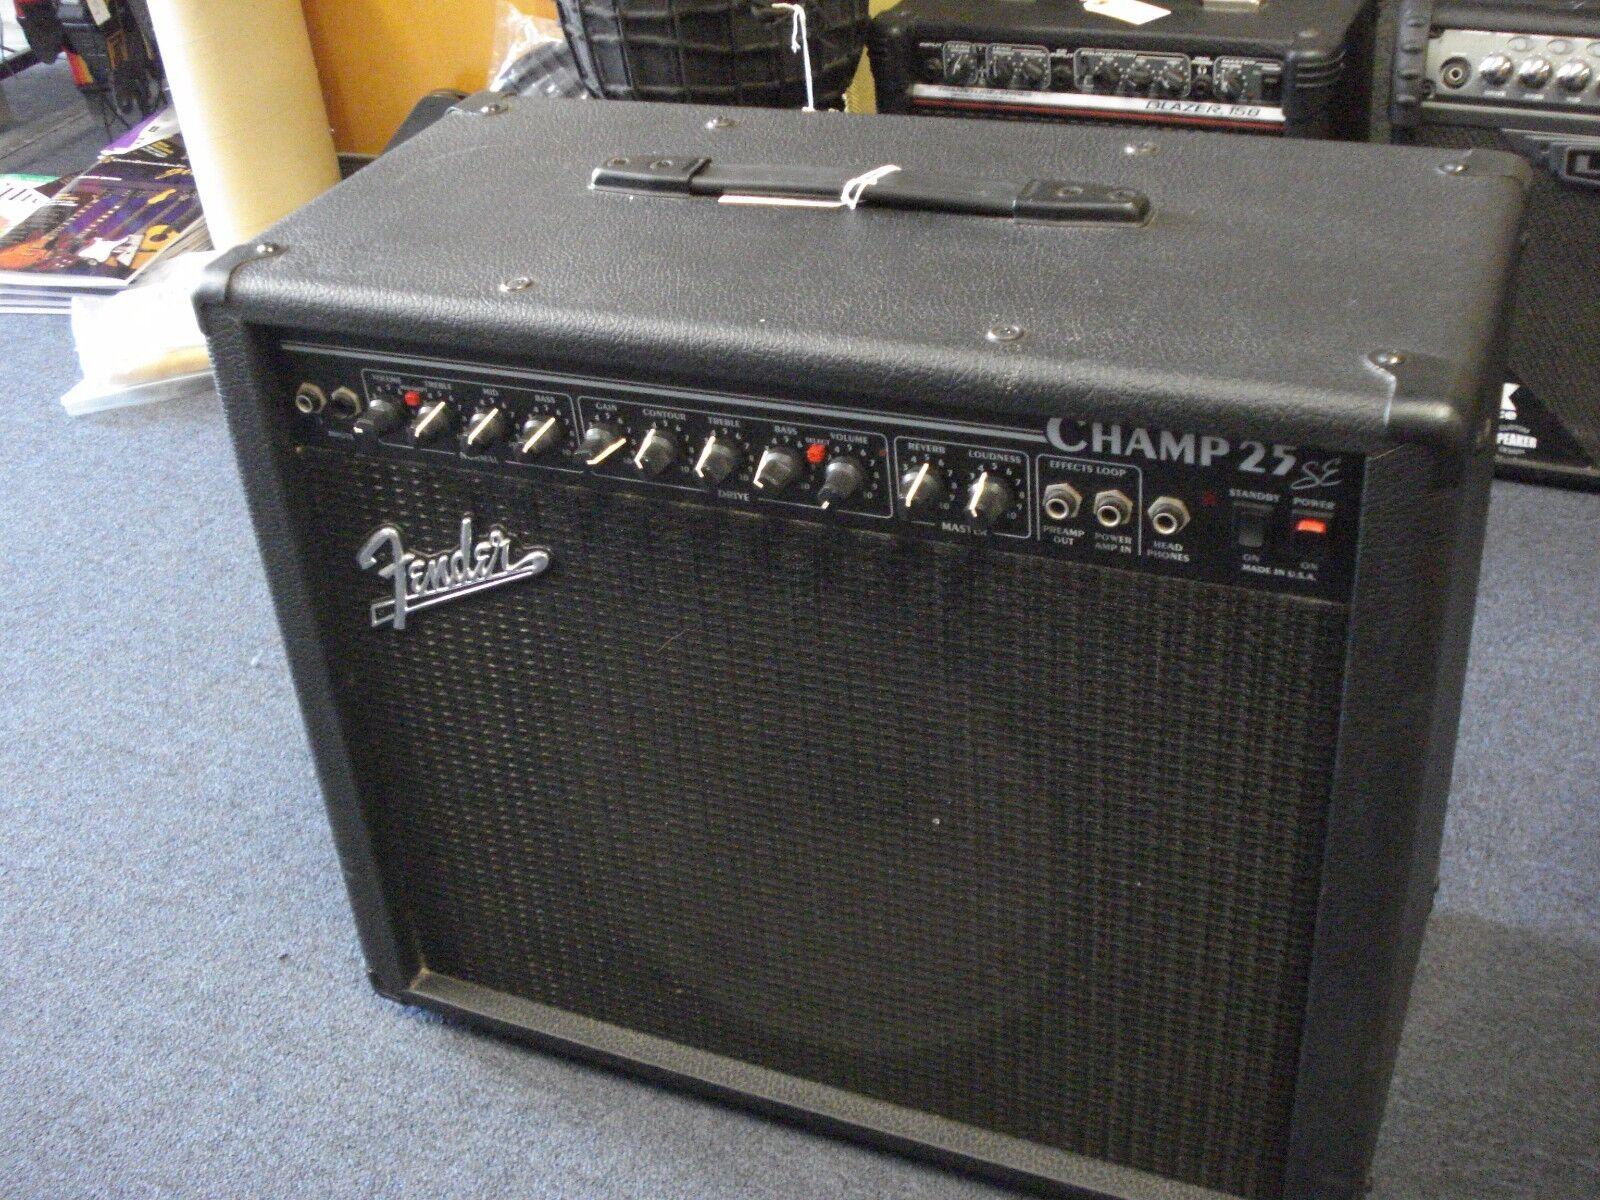 Fender Champ 25 SE Guitarra Guitarra Guitarra Amplificador De Tubo d8c319